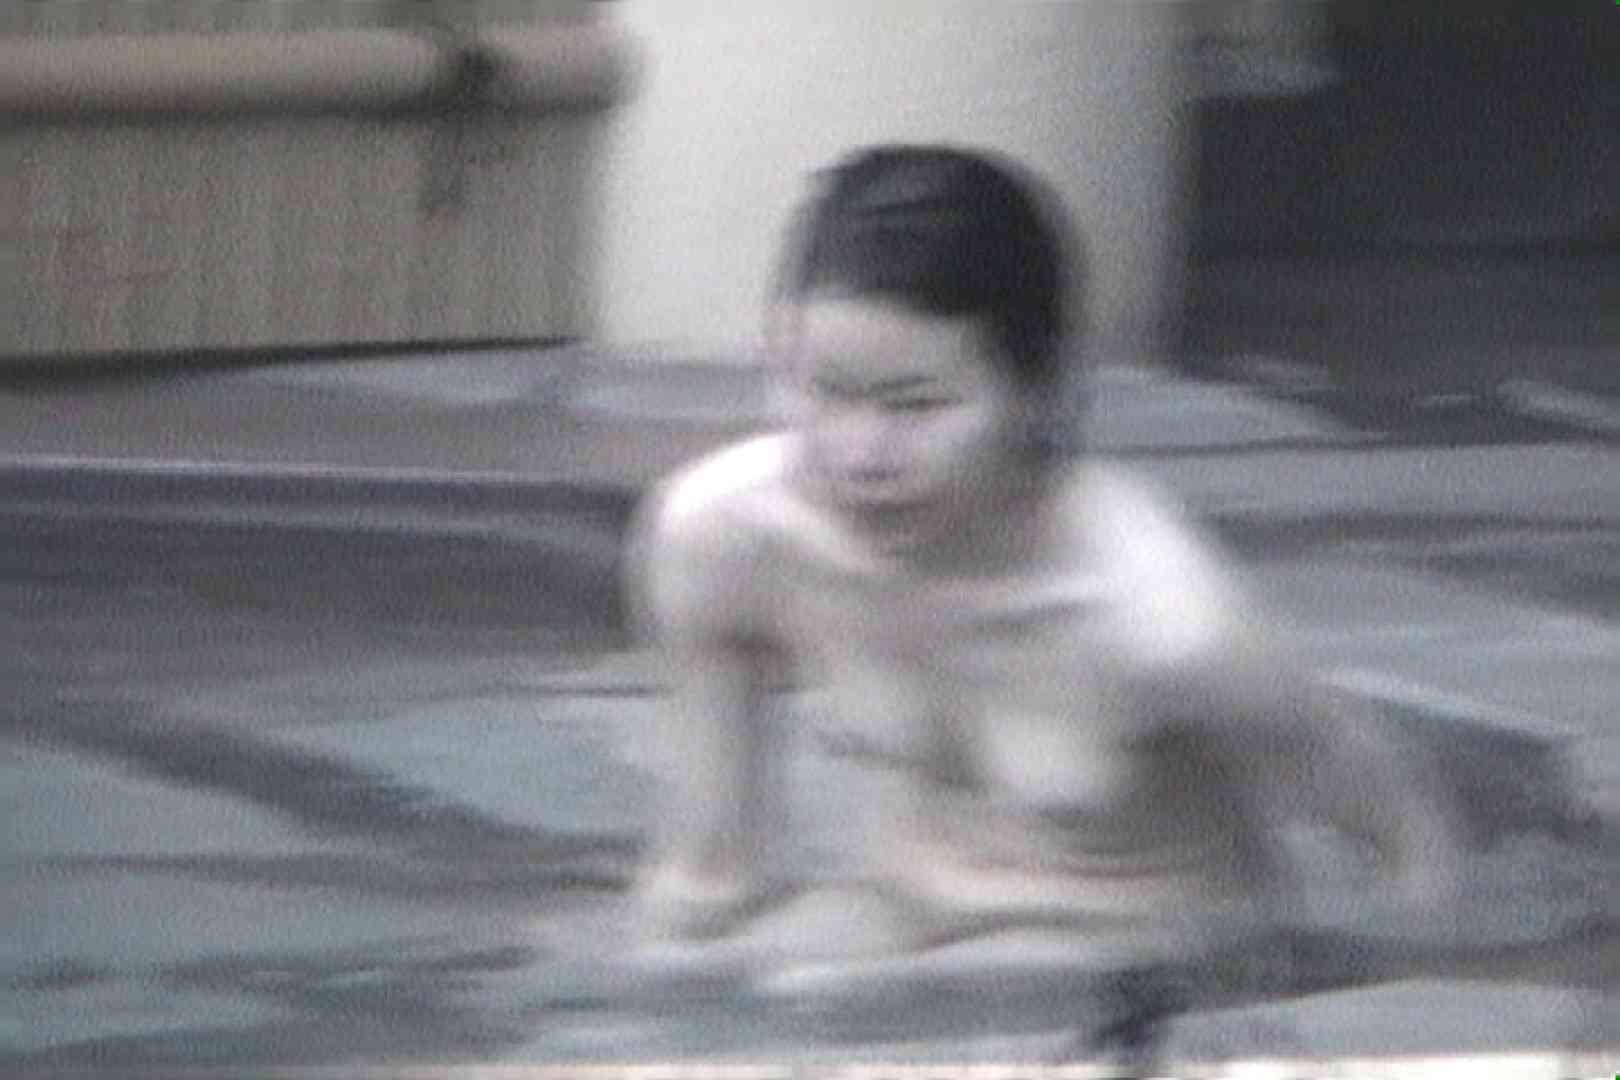 Aquaな露天風呂Vol.556 盗撮動画 | 露天風呂  11枚 3